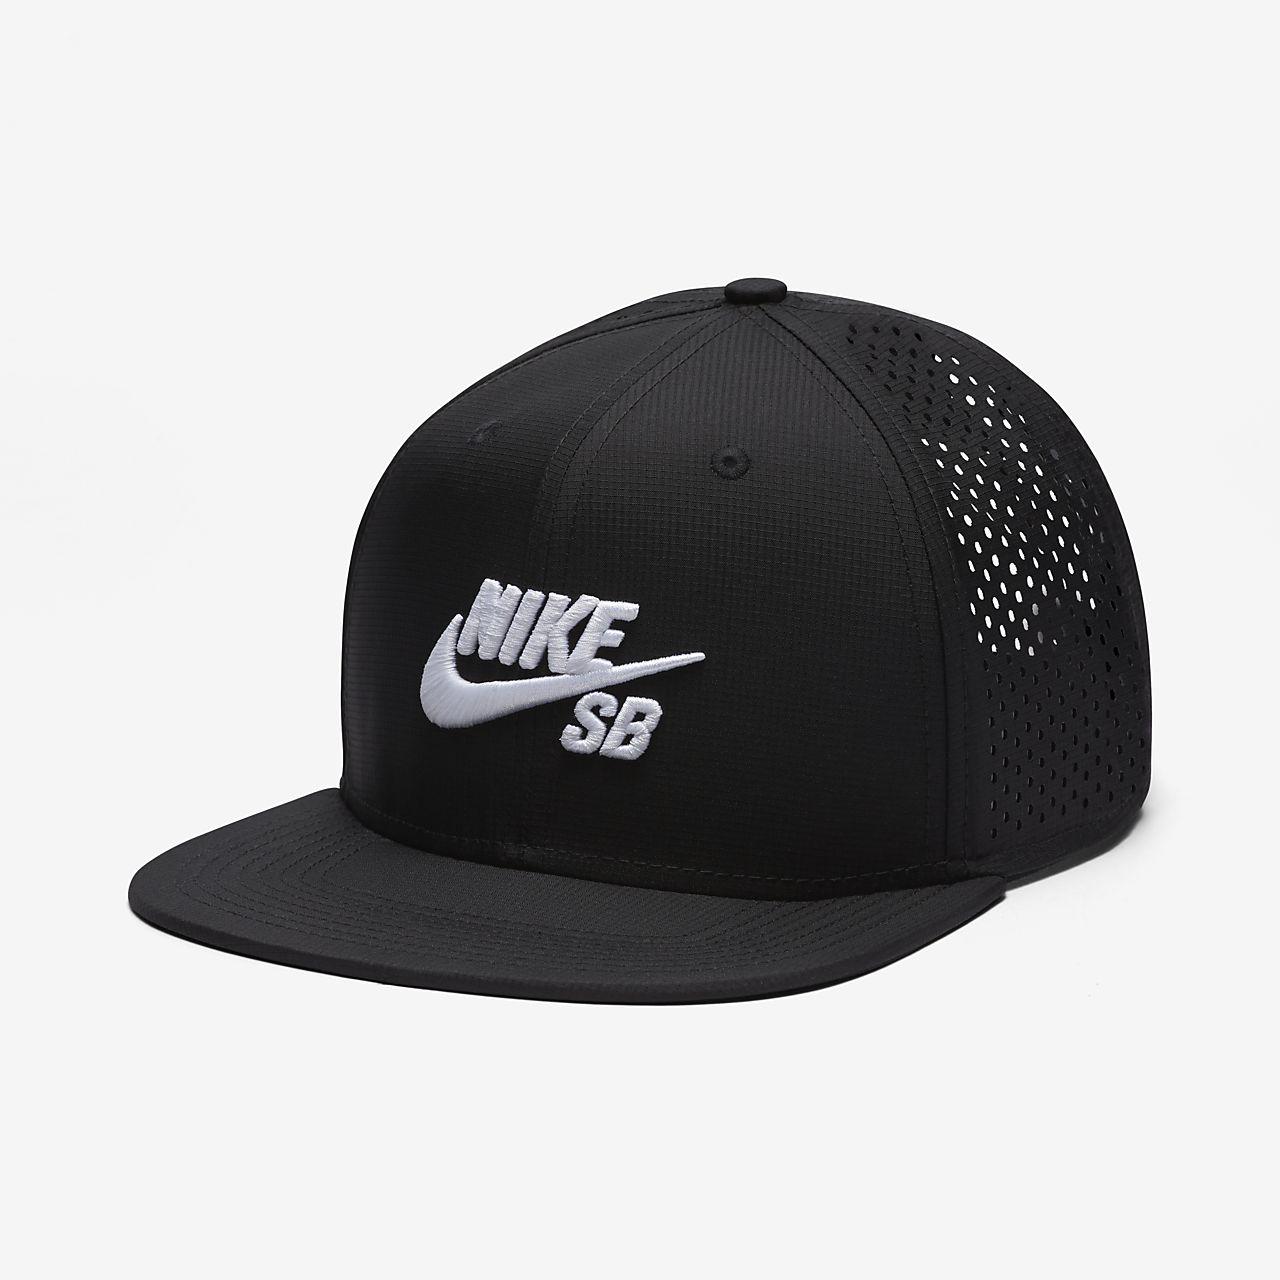 dernières collections Nike Performance Tailles De Pro Chapeau braderie à vendre awYYwtF6